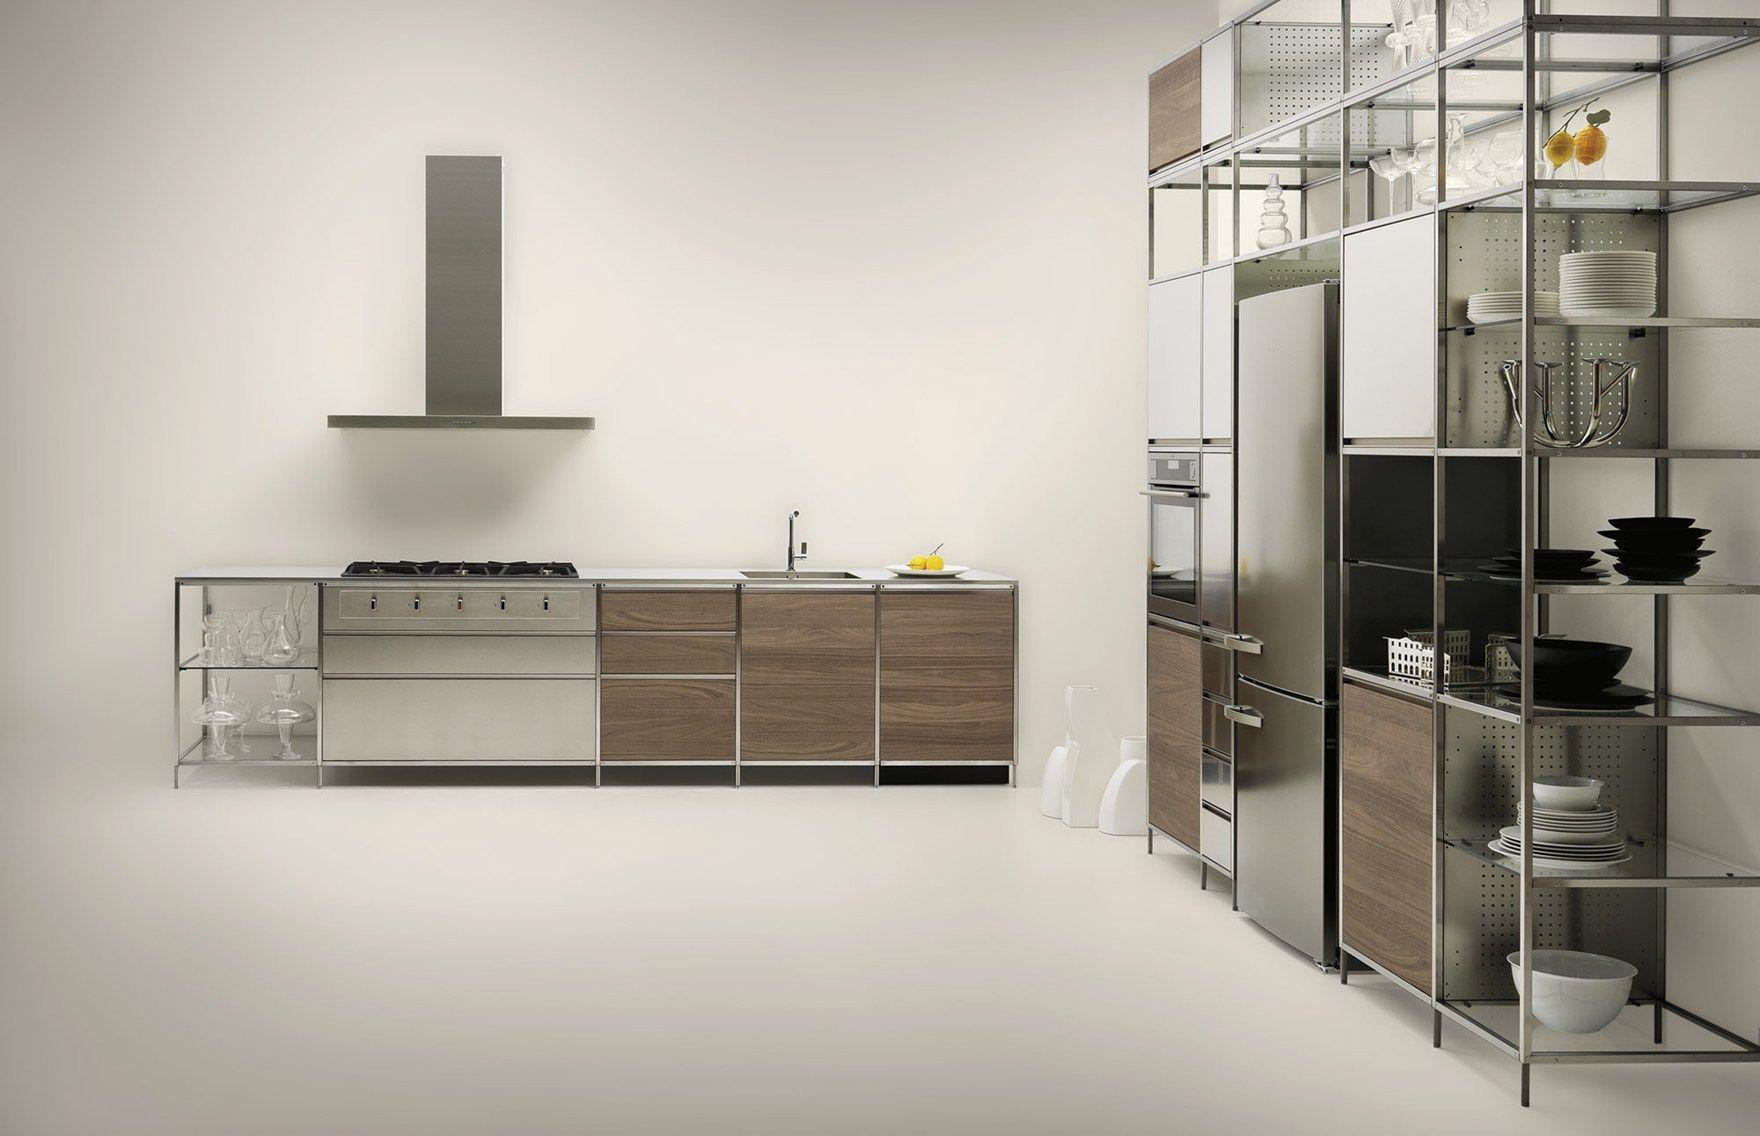 Meccanica By Valcucine Modular Kitchen With A Lightweight Frame Framed Kitchen Cabinets Kitchen Units Modern Kitchen